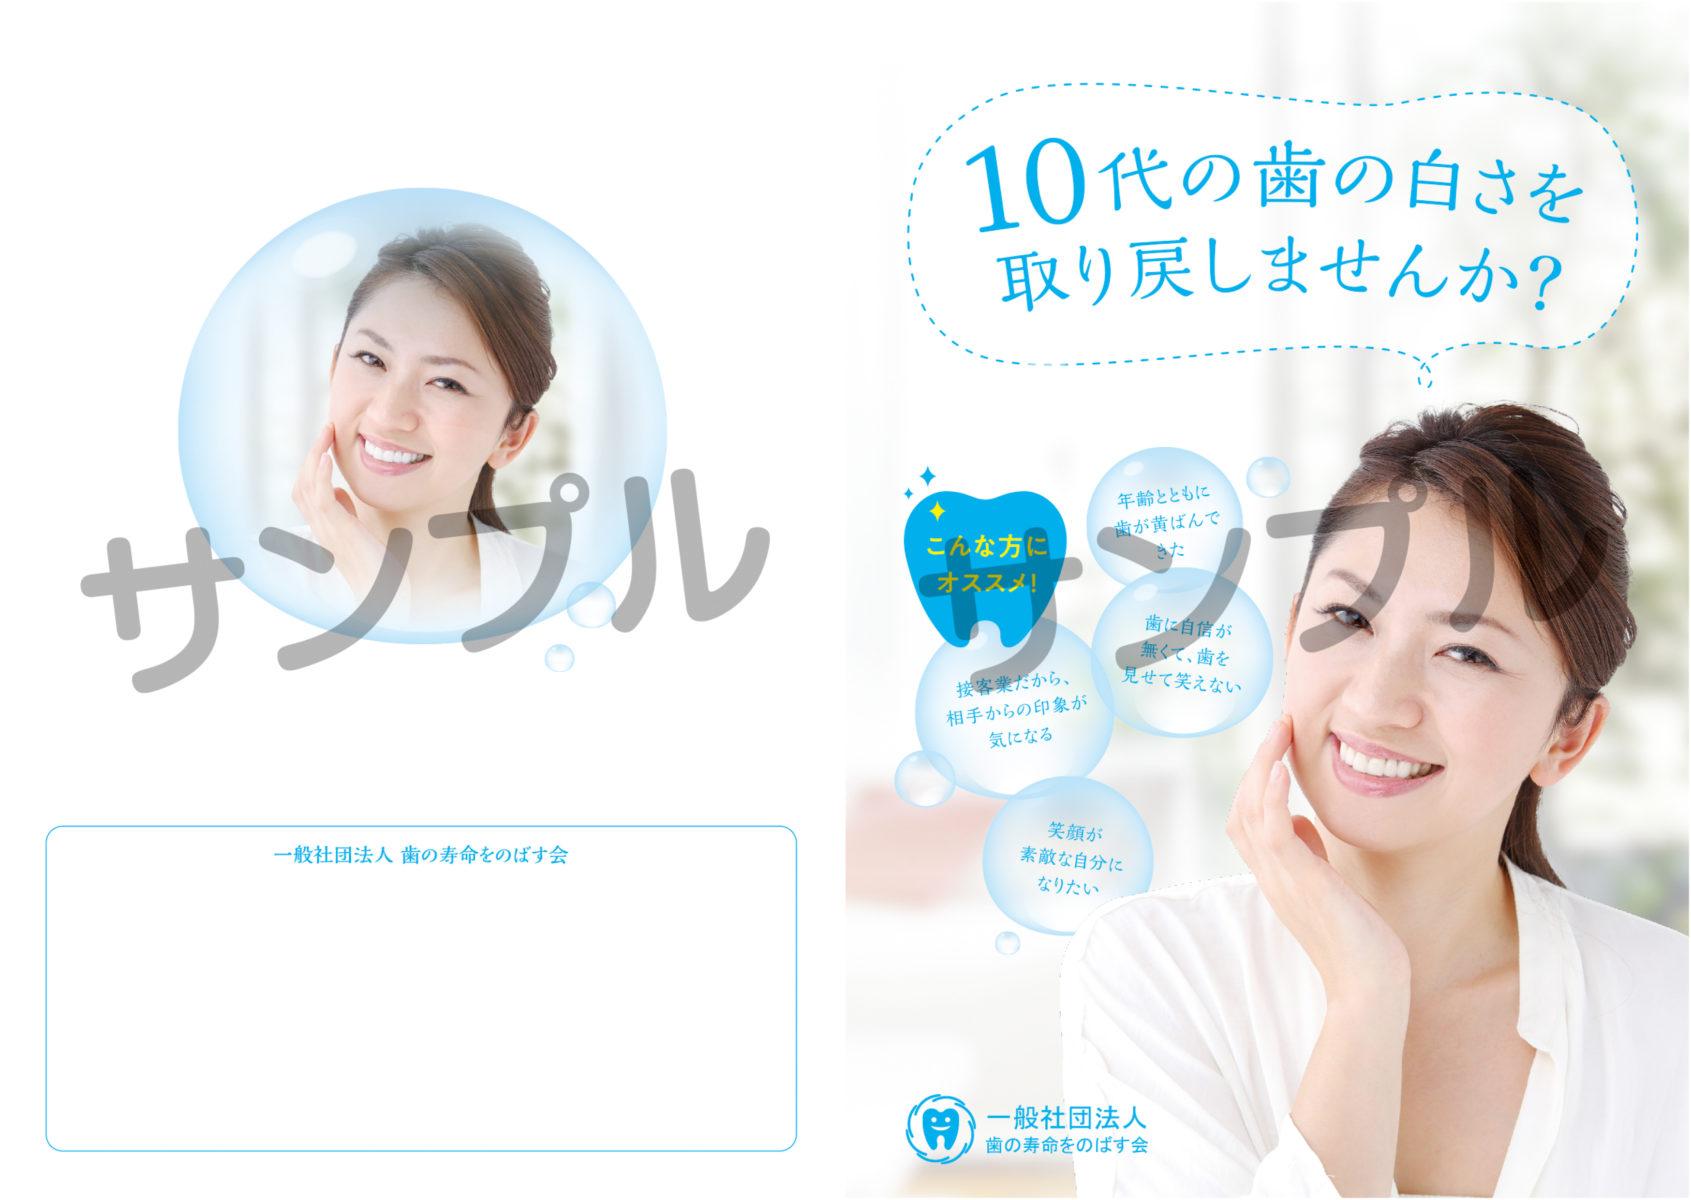 10代の歯の白さを取り戻しませんか? 小冊子サンプル画像1